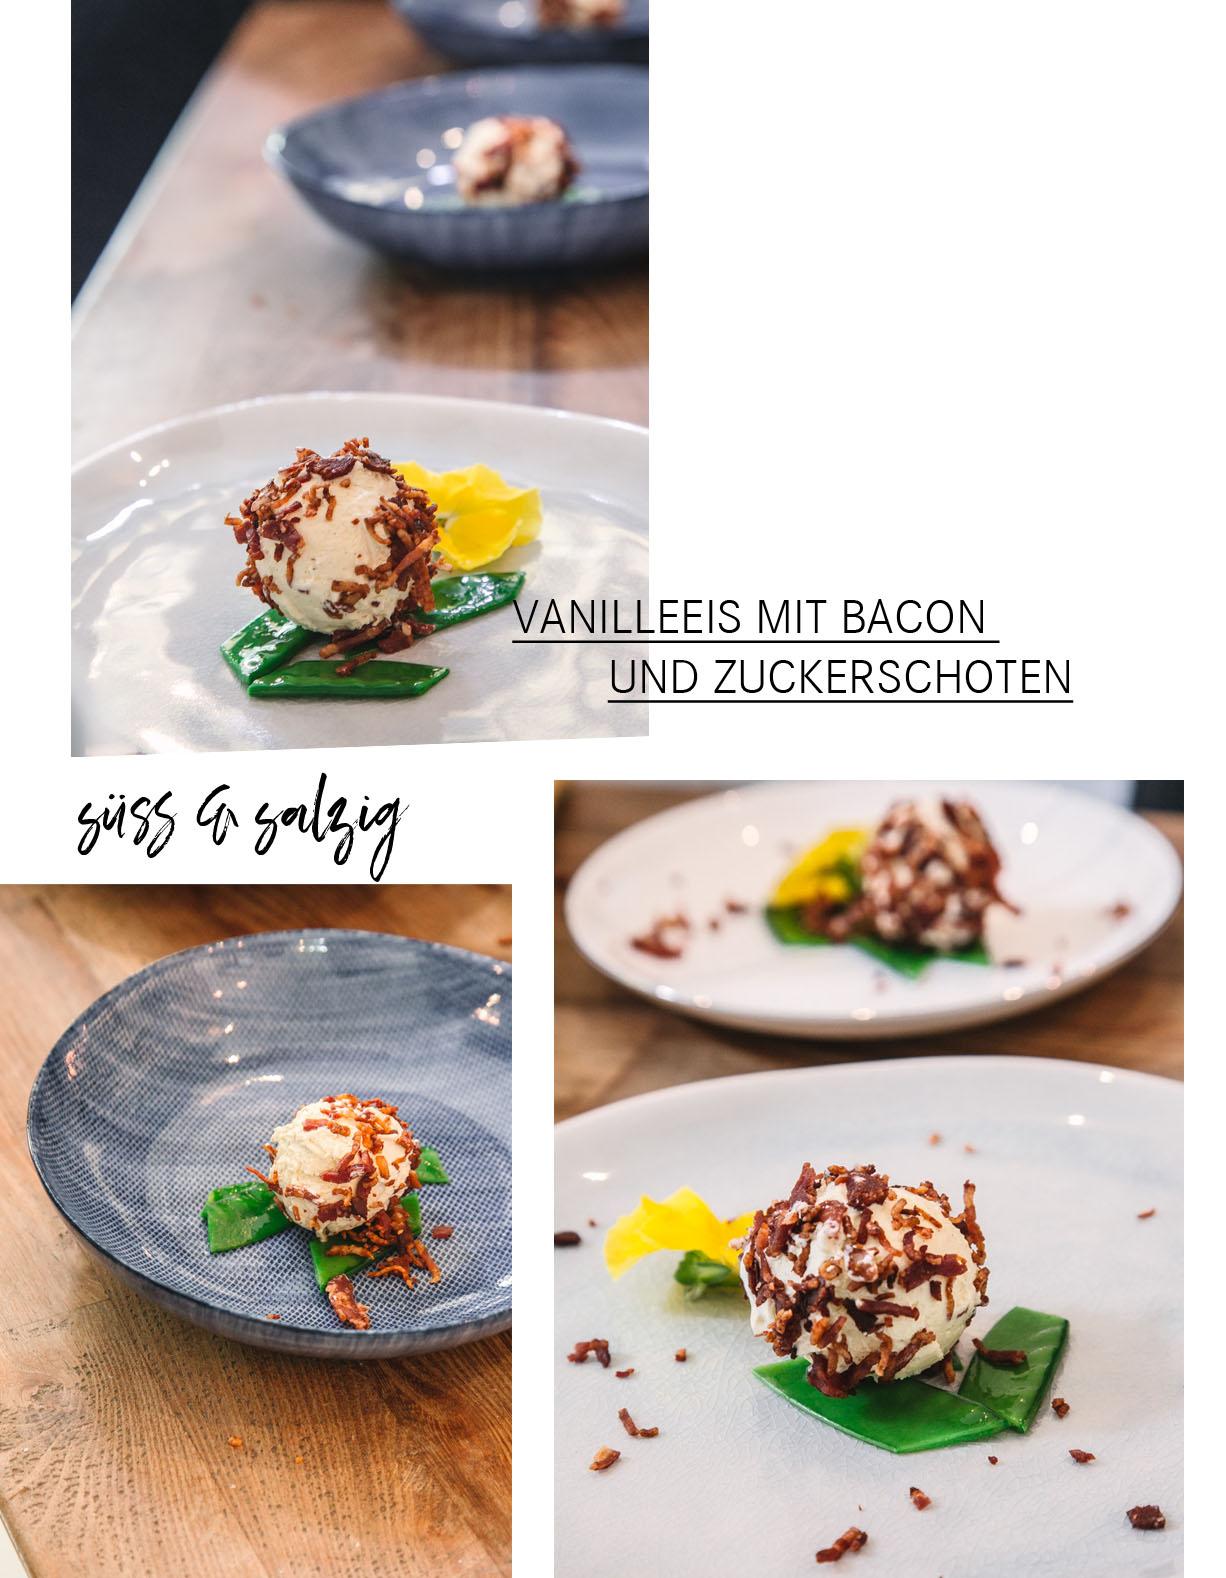 Vanilleeis mit Bacon